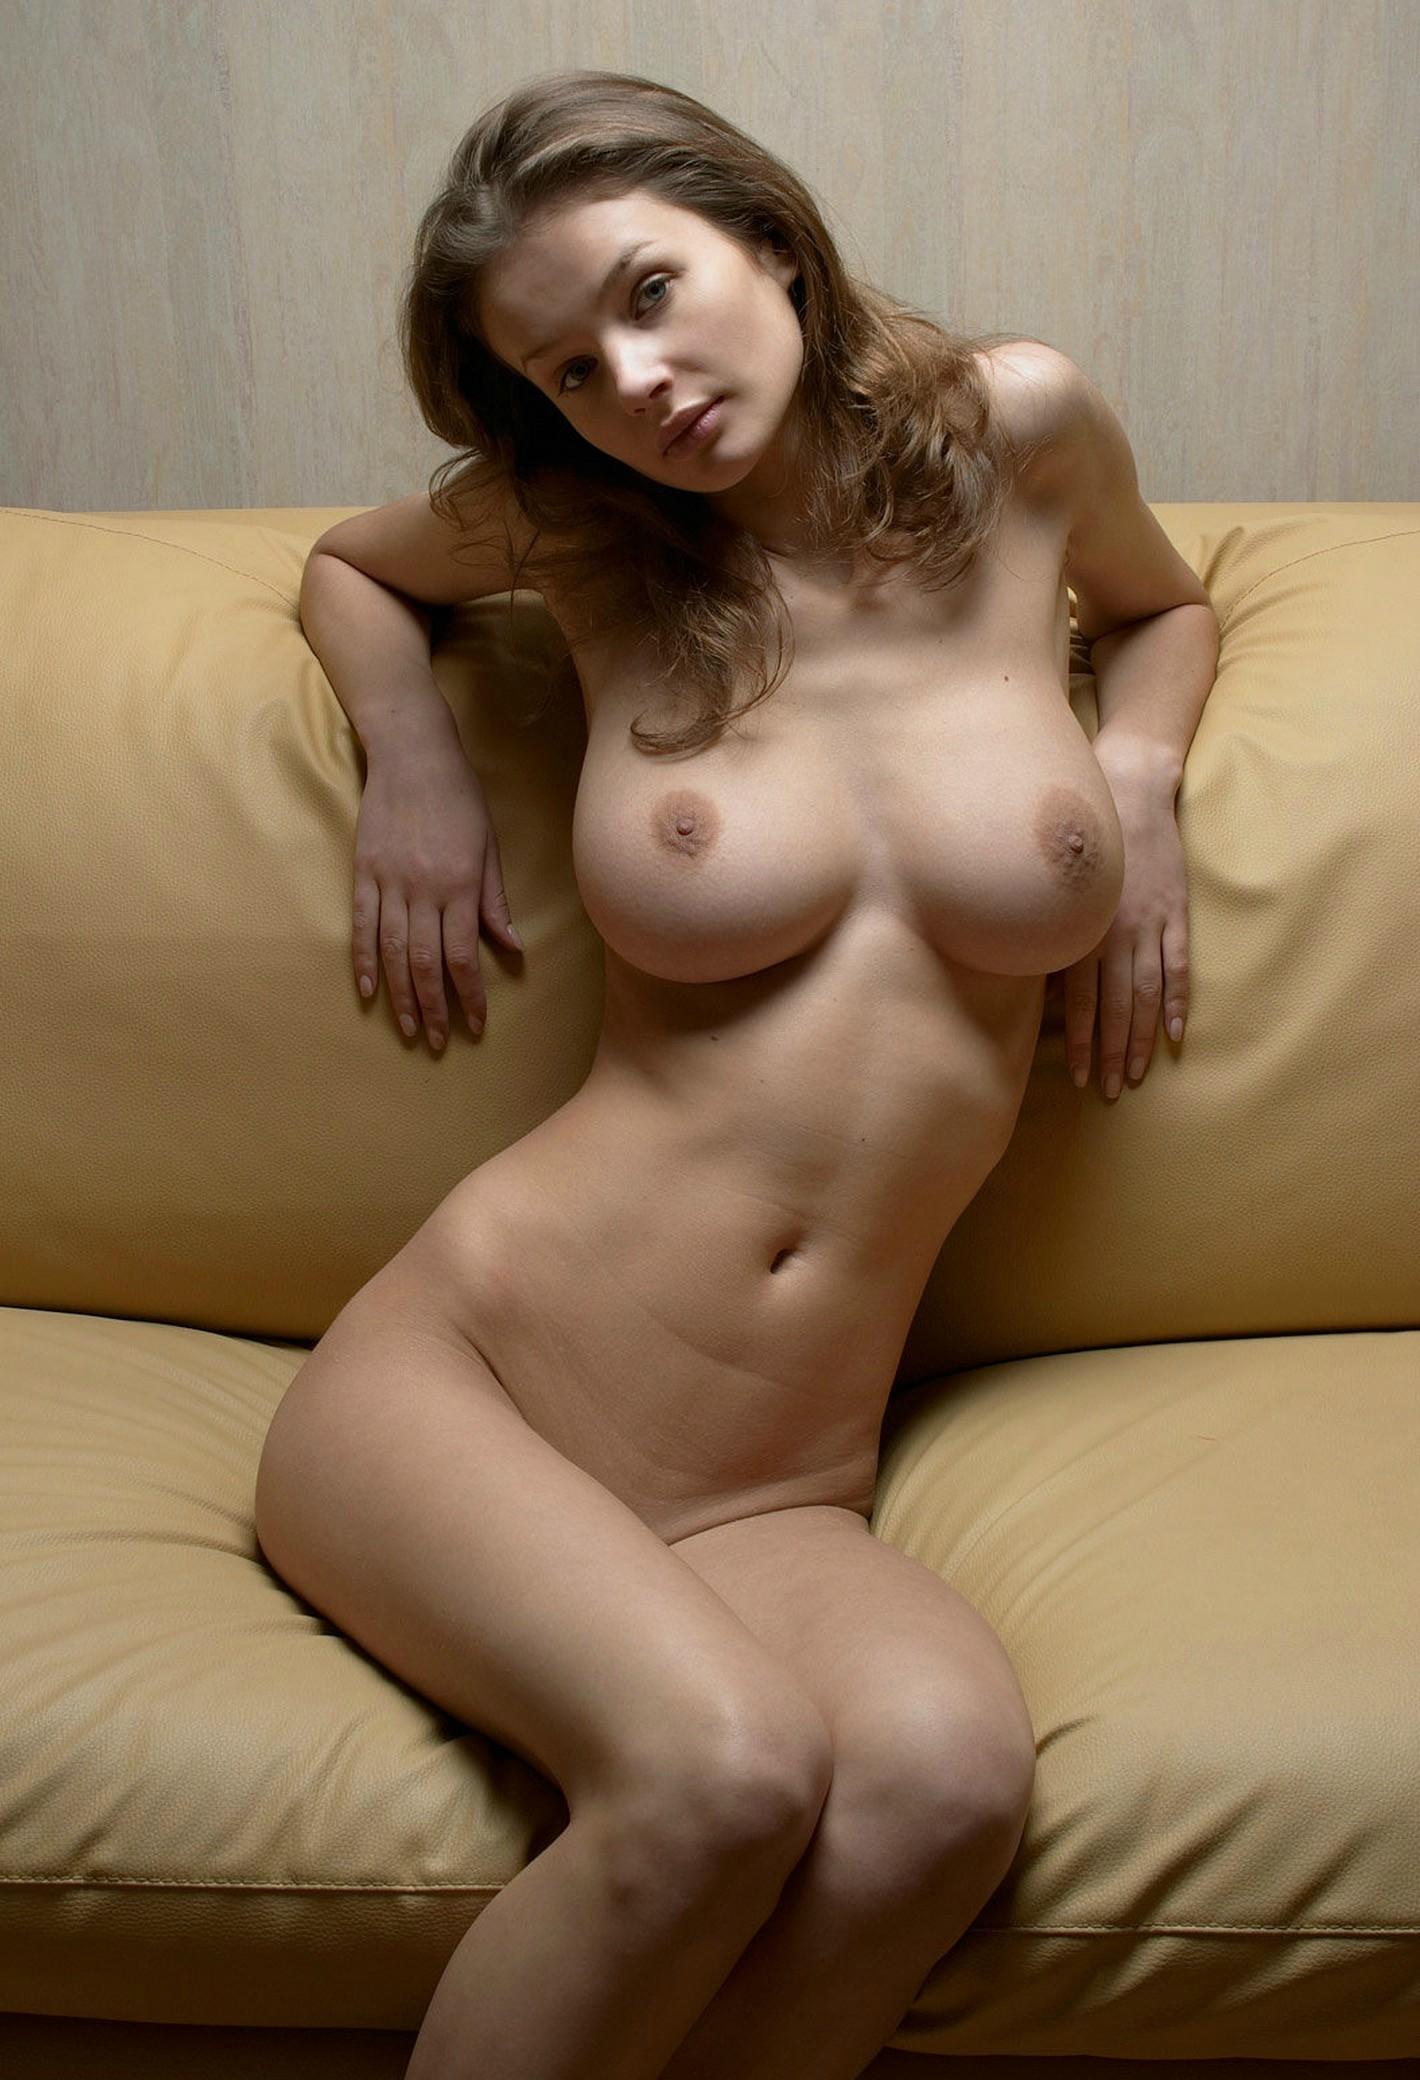 Самые откровенные фото проституток питера фото 506-748